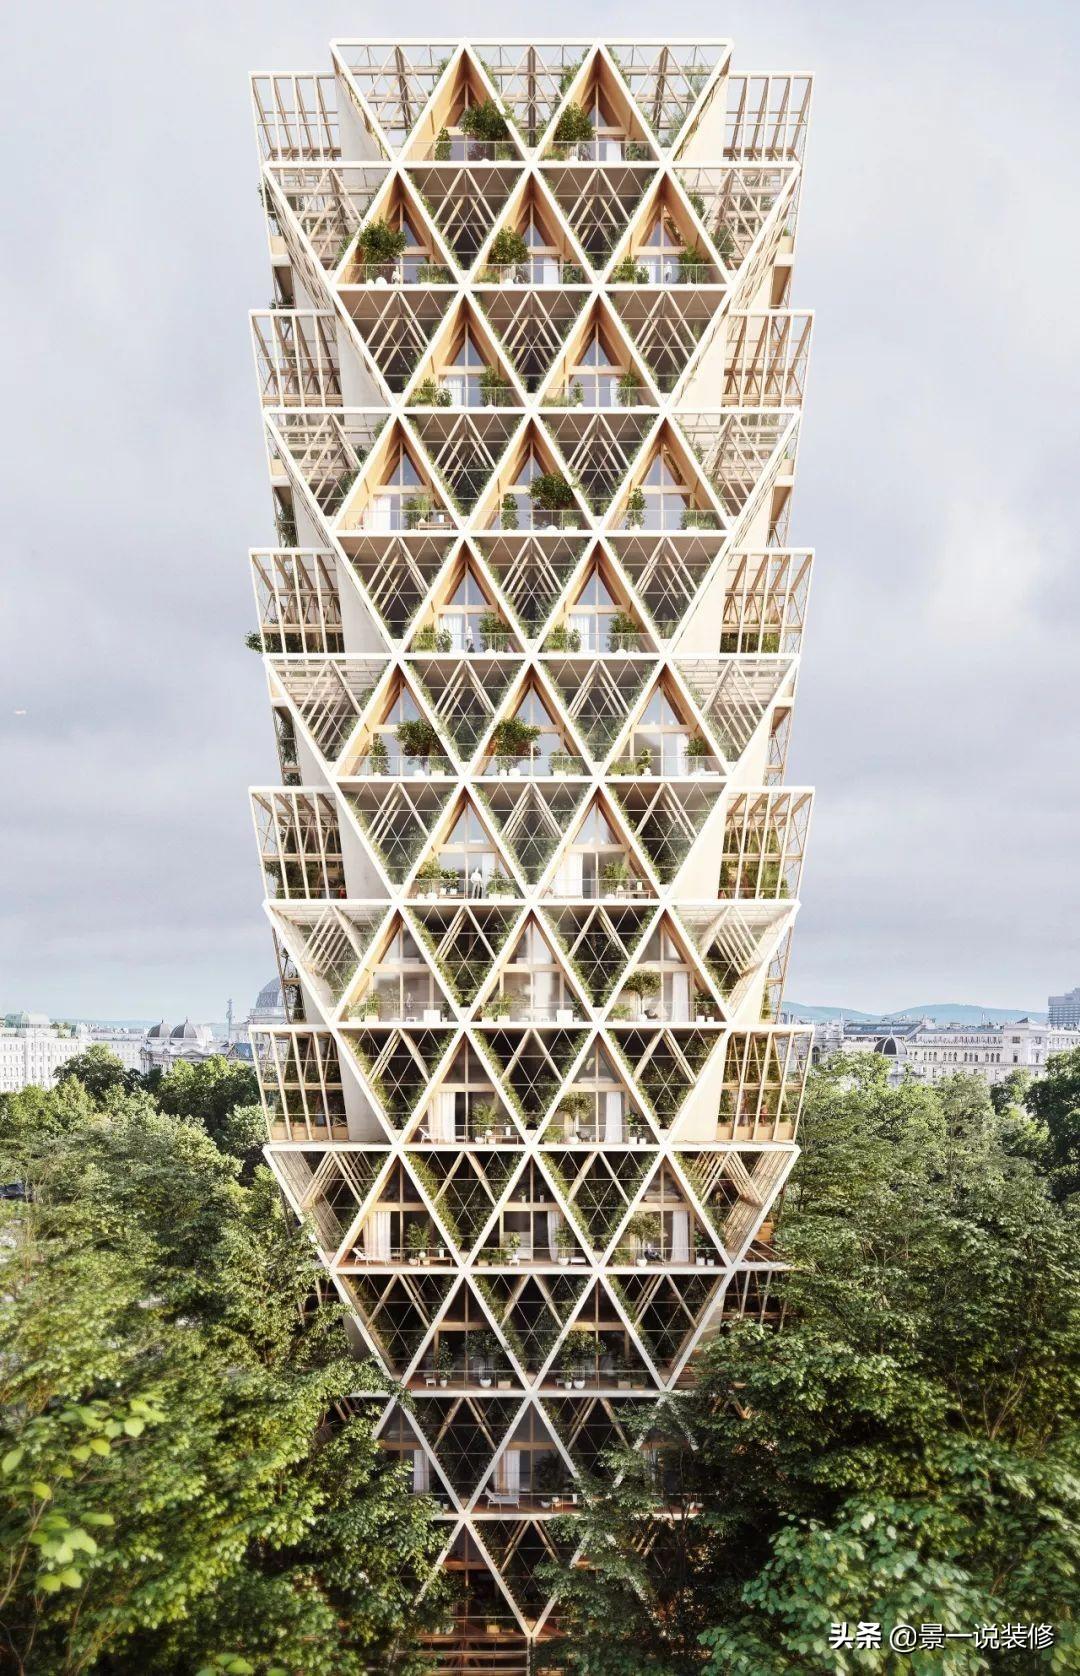 盘点2019年火遍全球的10大建筑设计,个个都很惊艳